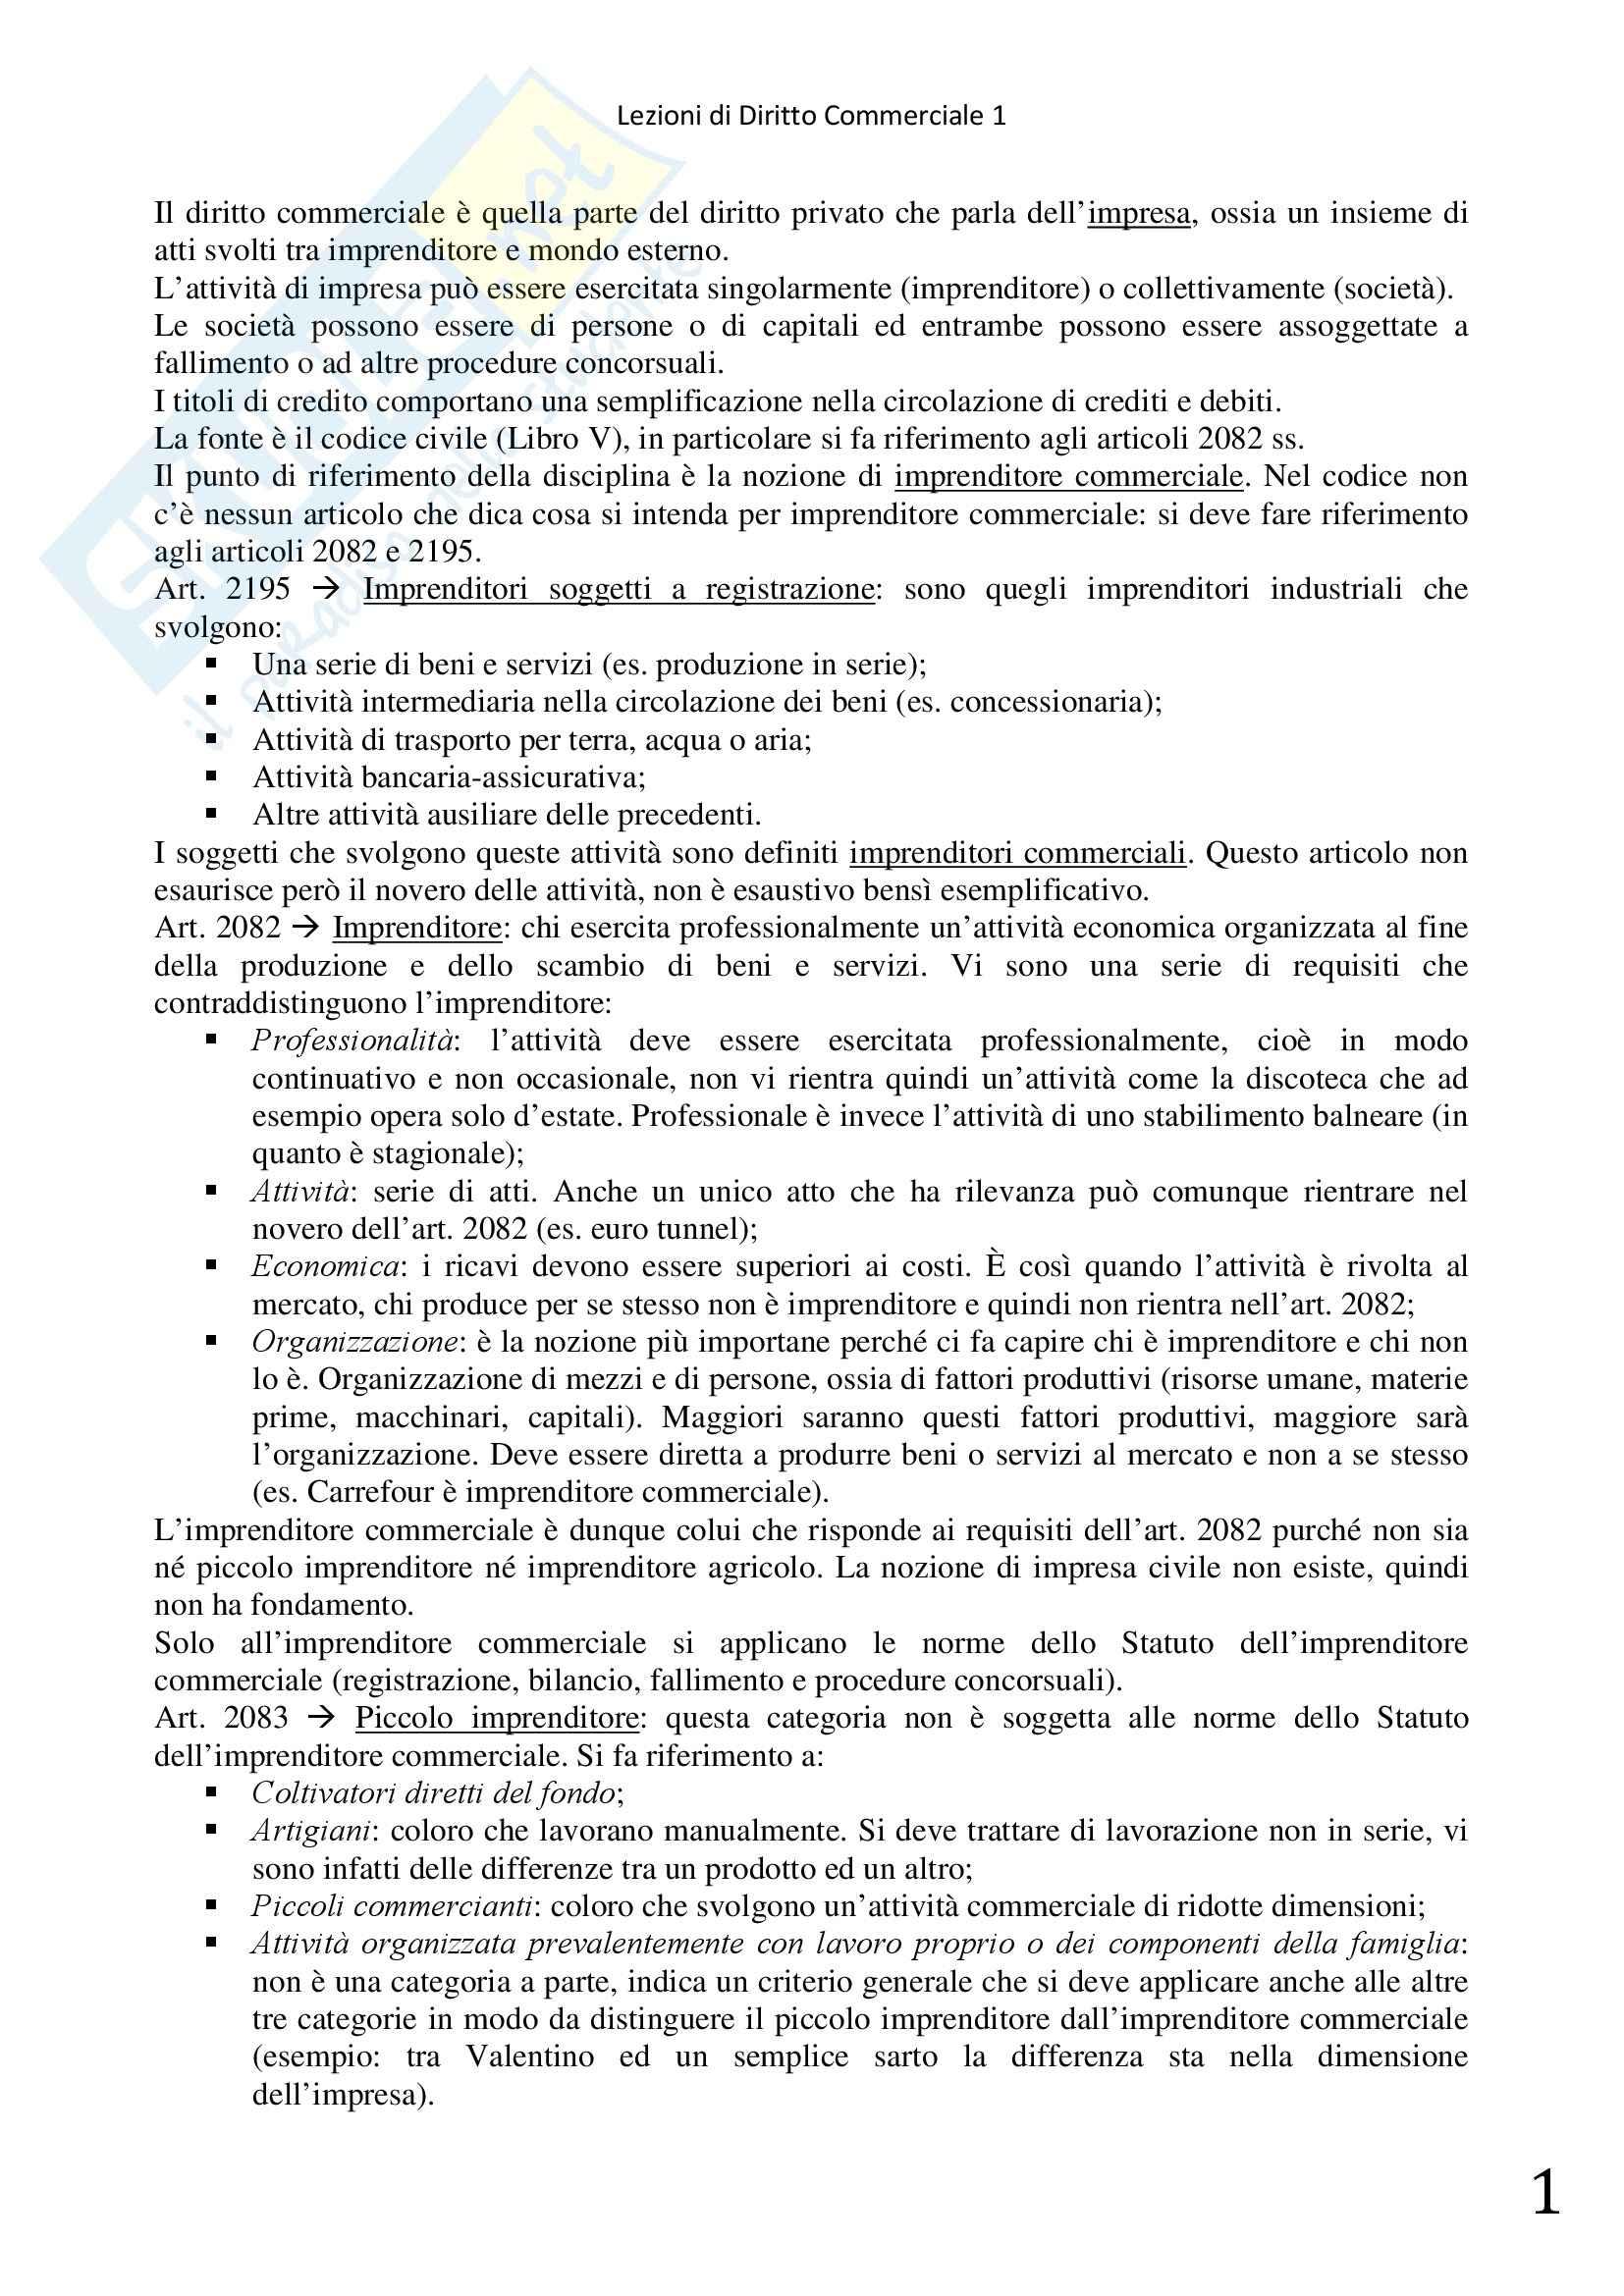 Diritto Commerciale 1 - Società di persone, titoli di credito, fallimento e concordato preventivo